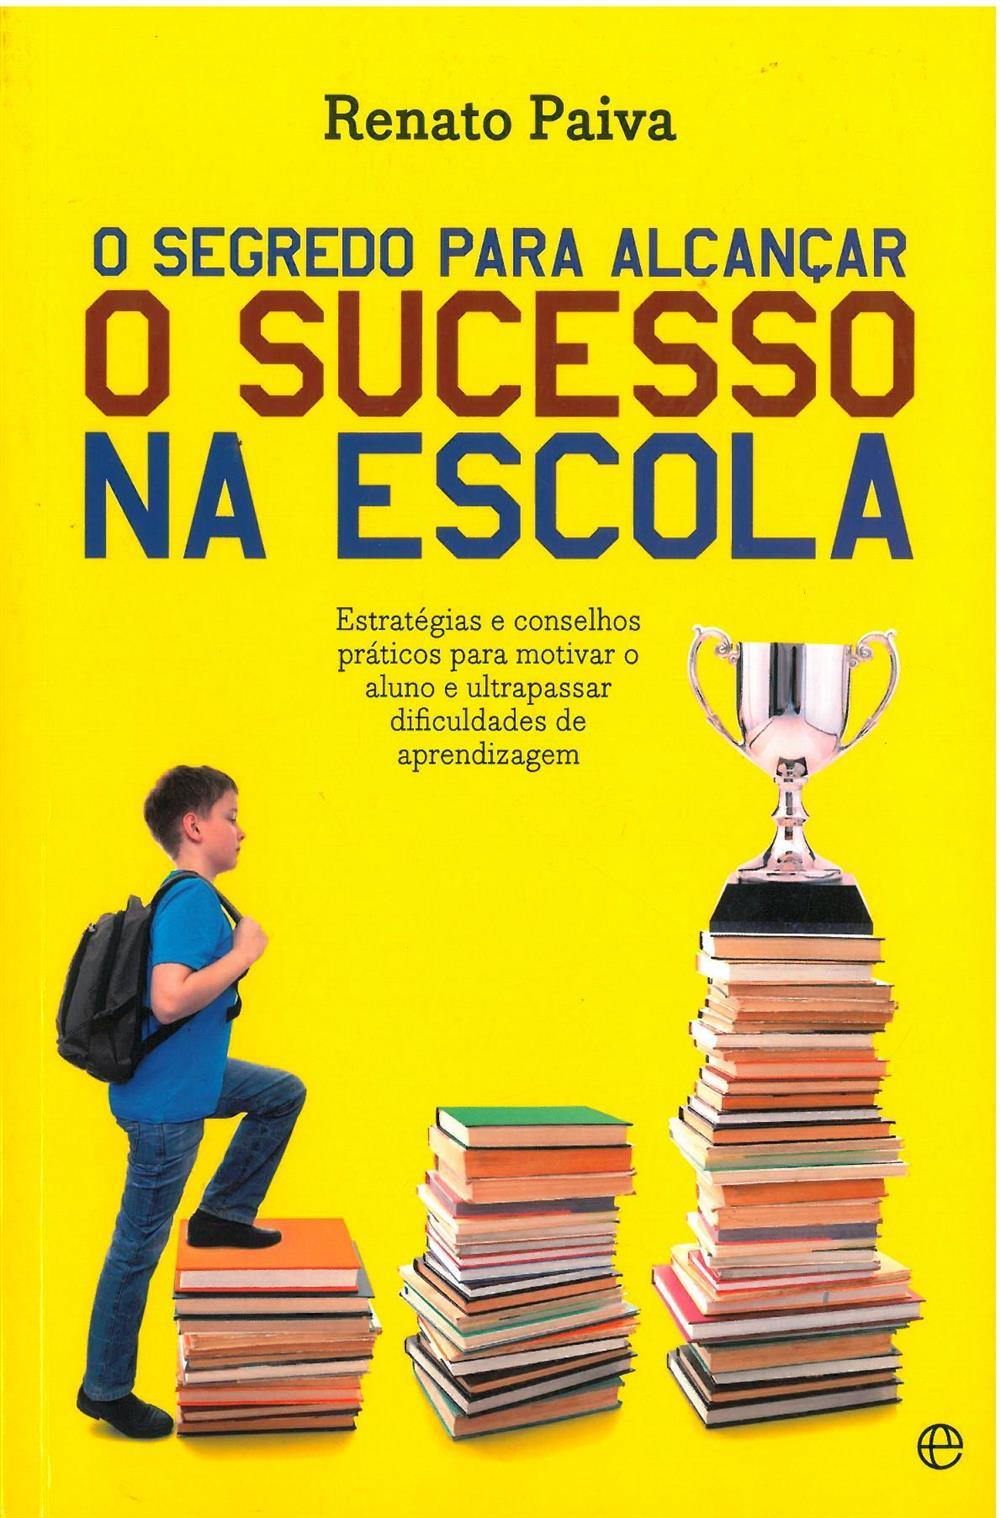 O segredo para alcançar o sucesso na escola_.jpg